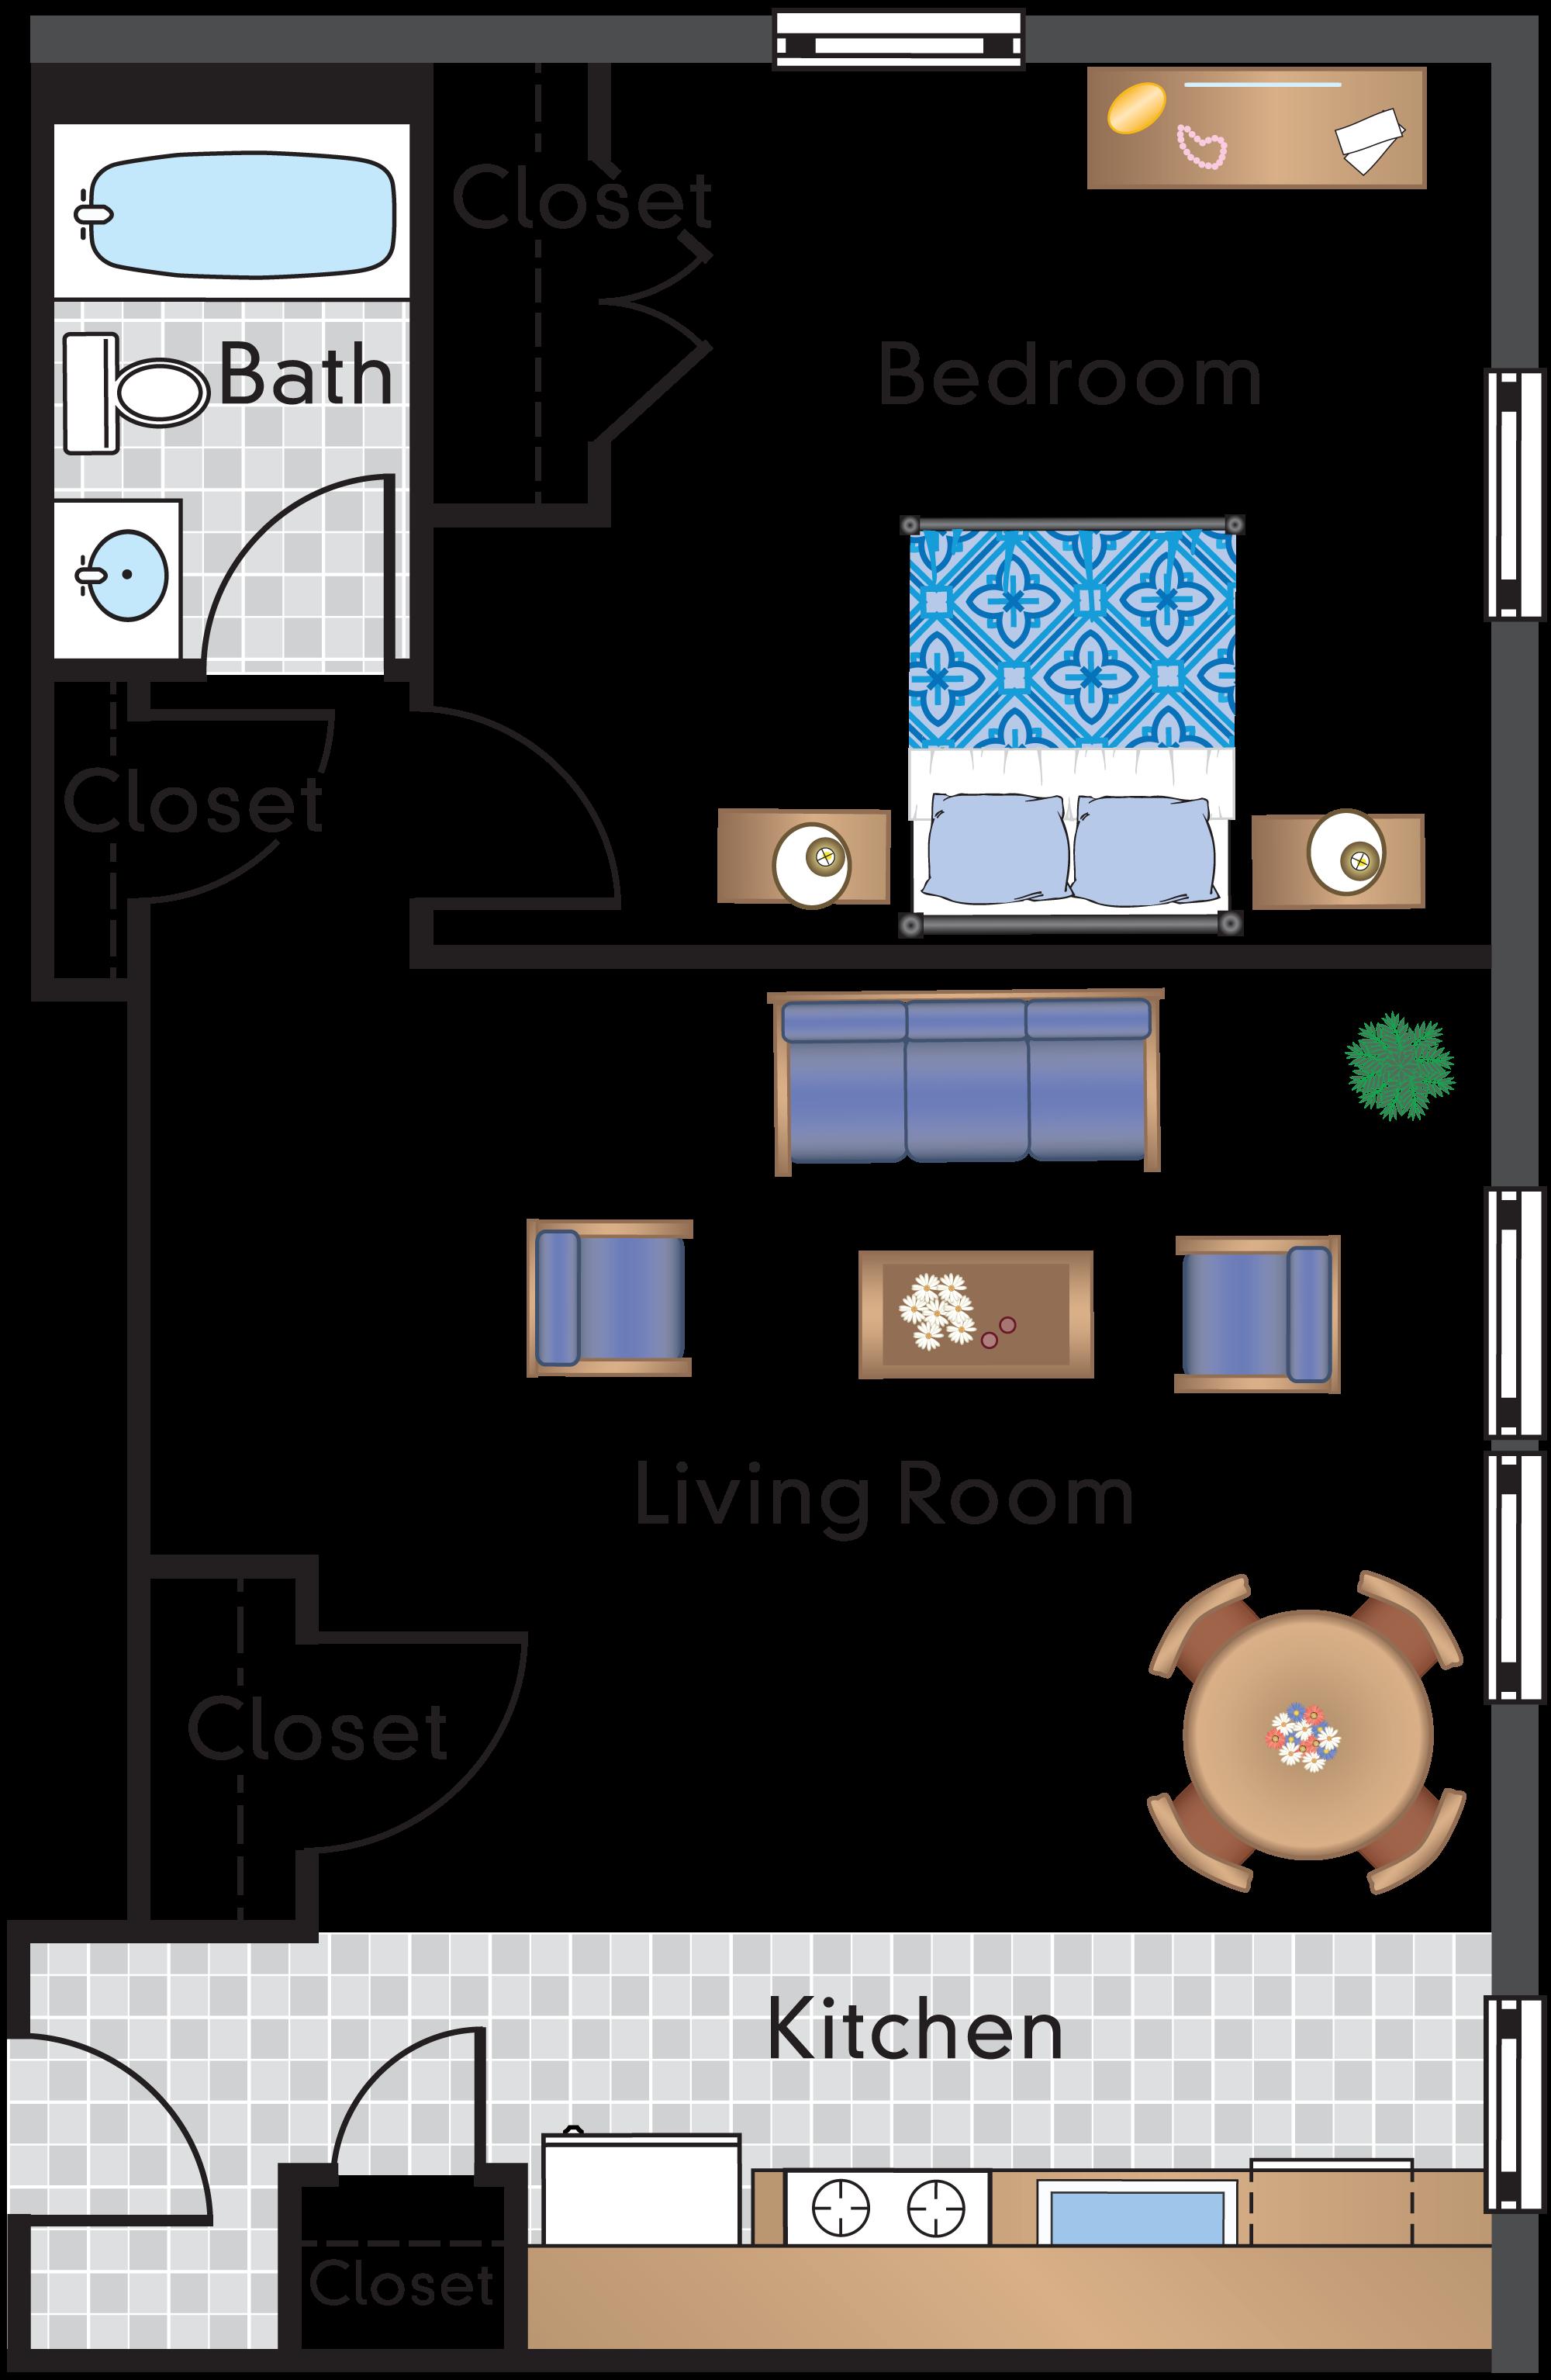 1 Bedroom 1 Bath Tier 03